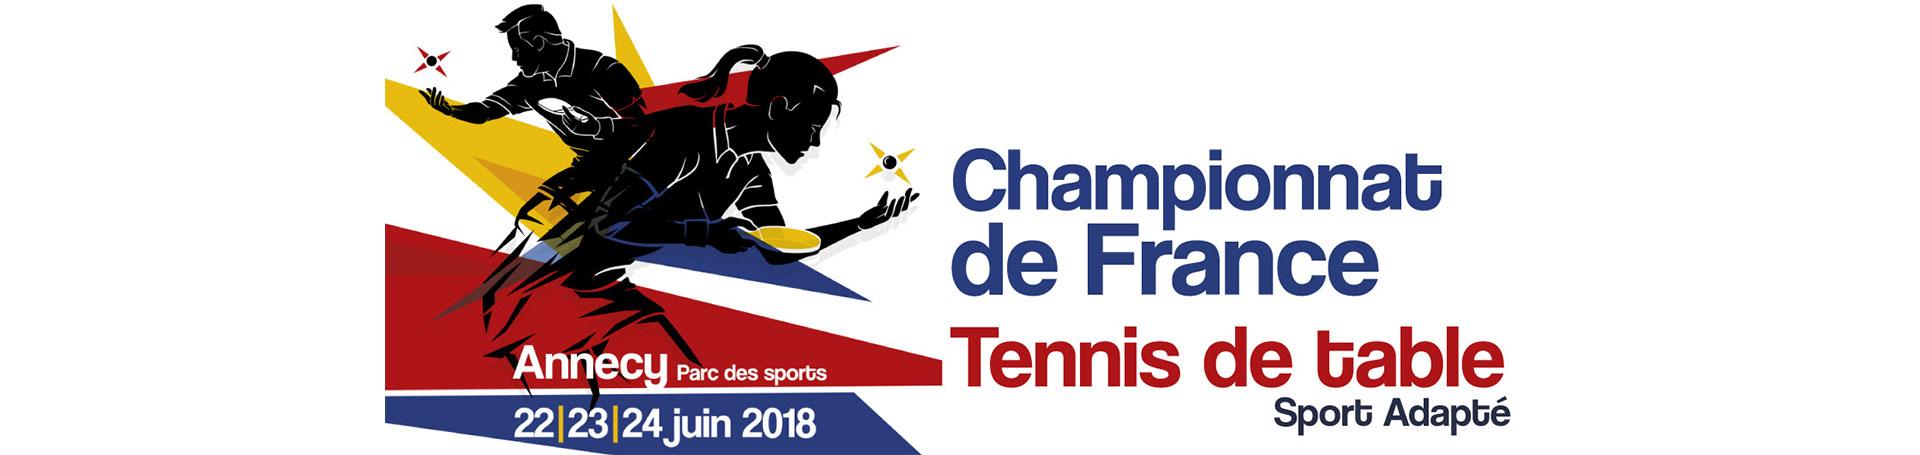 http://www.sportadapte74.fr/actualites-26-131-evenement-a-annecy-du-22-au-24-juin-championnat-de-france-de-tennis-de-table-appel-a-benevoles.html